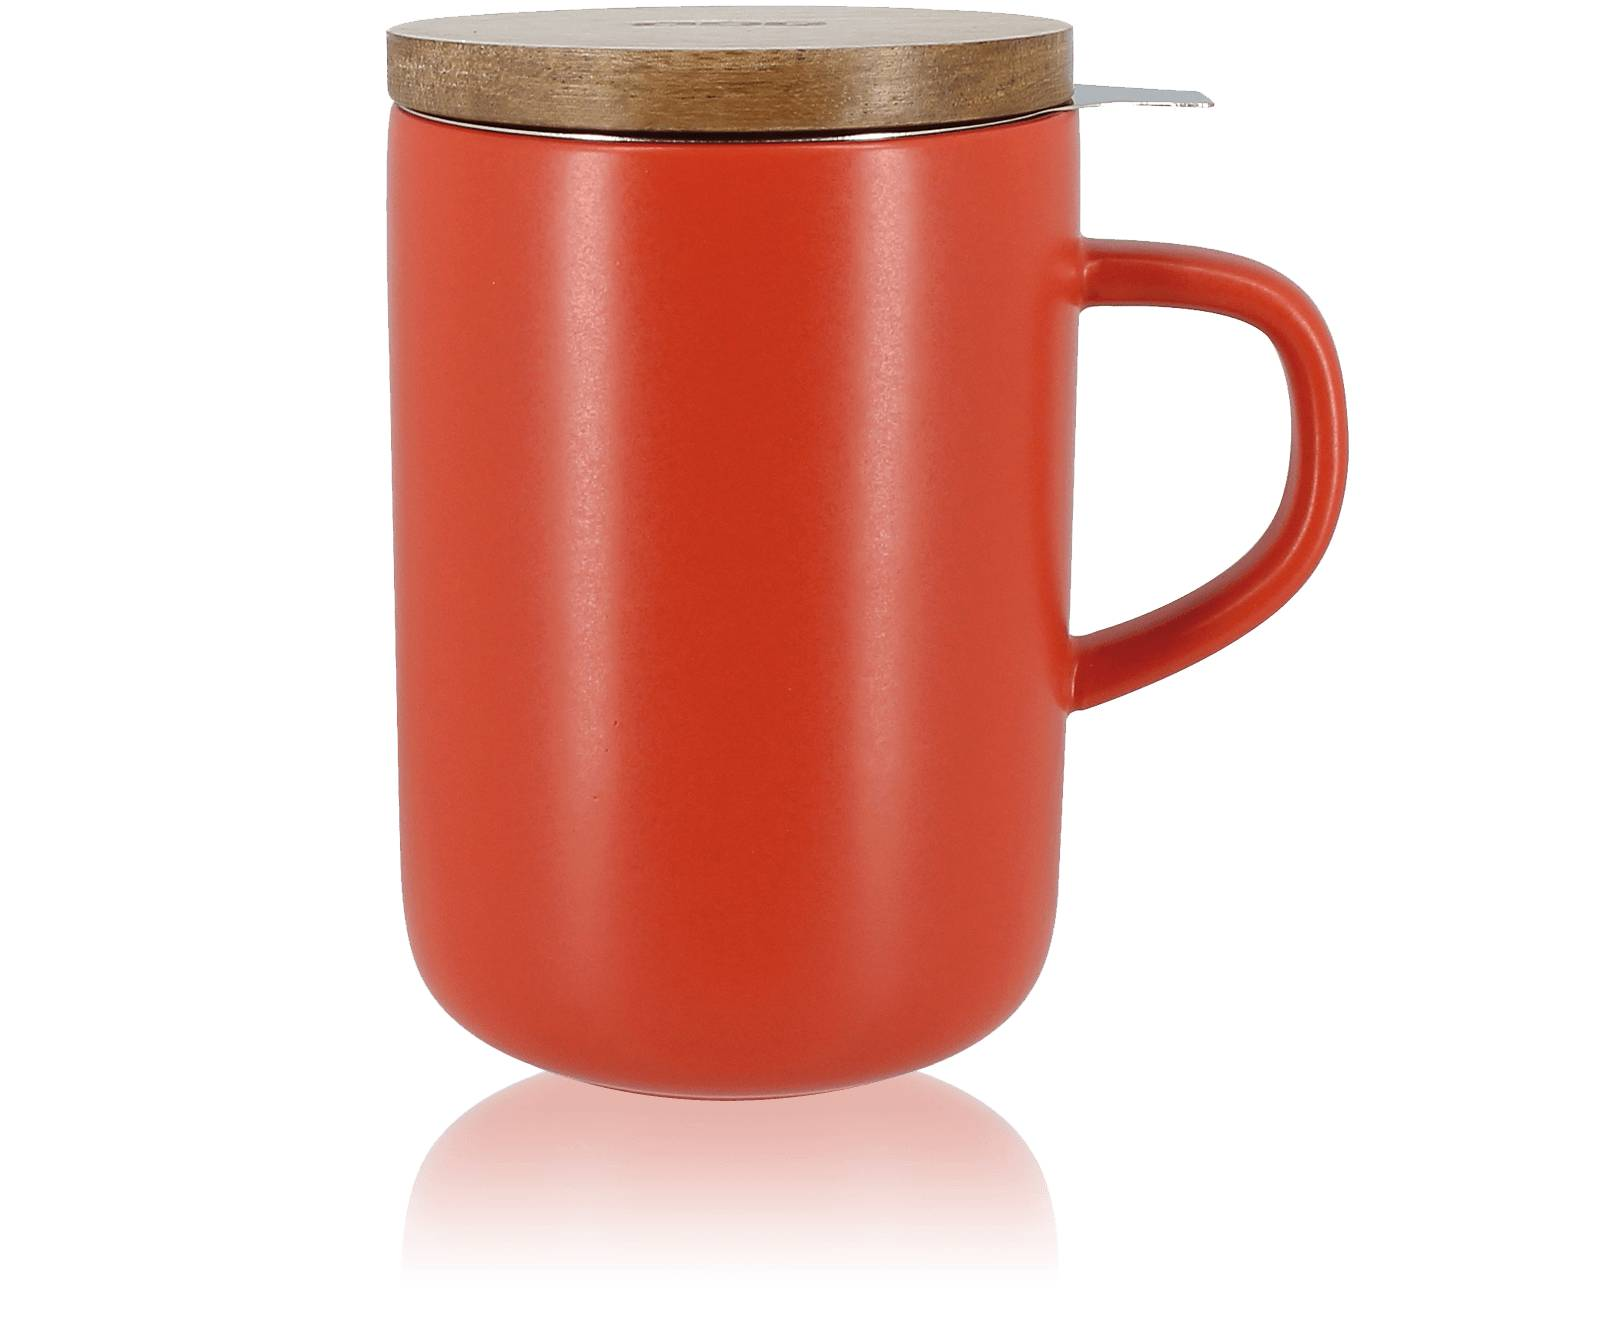 KUSMI TEA Tisanière en grès 48Cl, couvercle bois, filtre inox - Accessoire pour le thé - Kusmi Tea